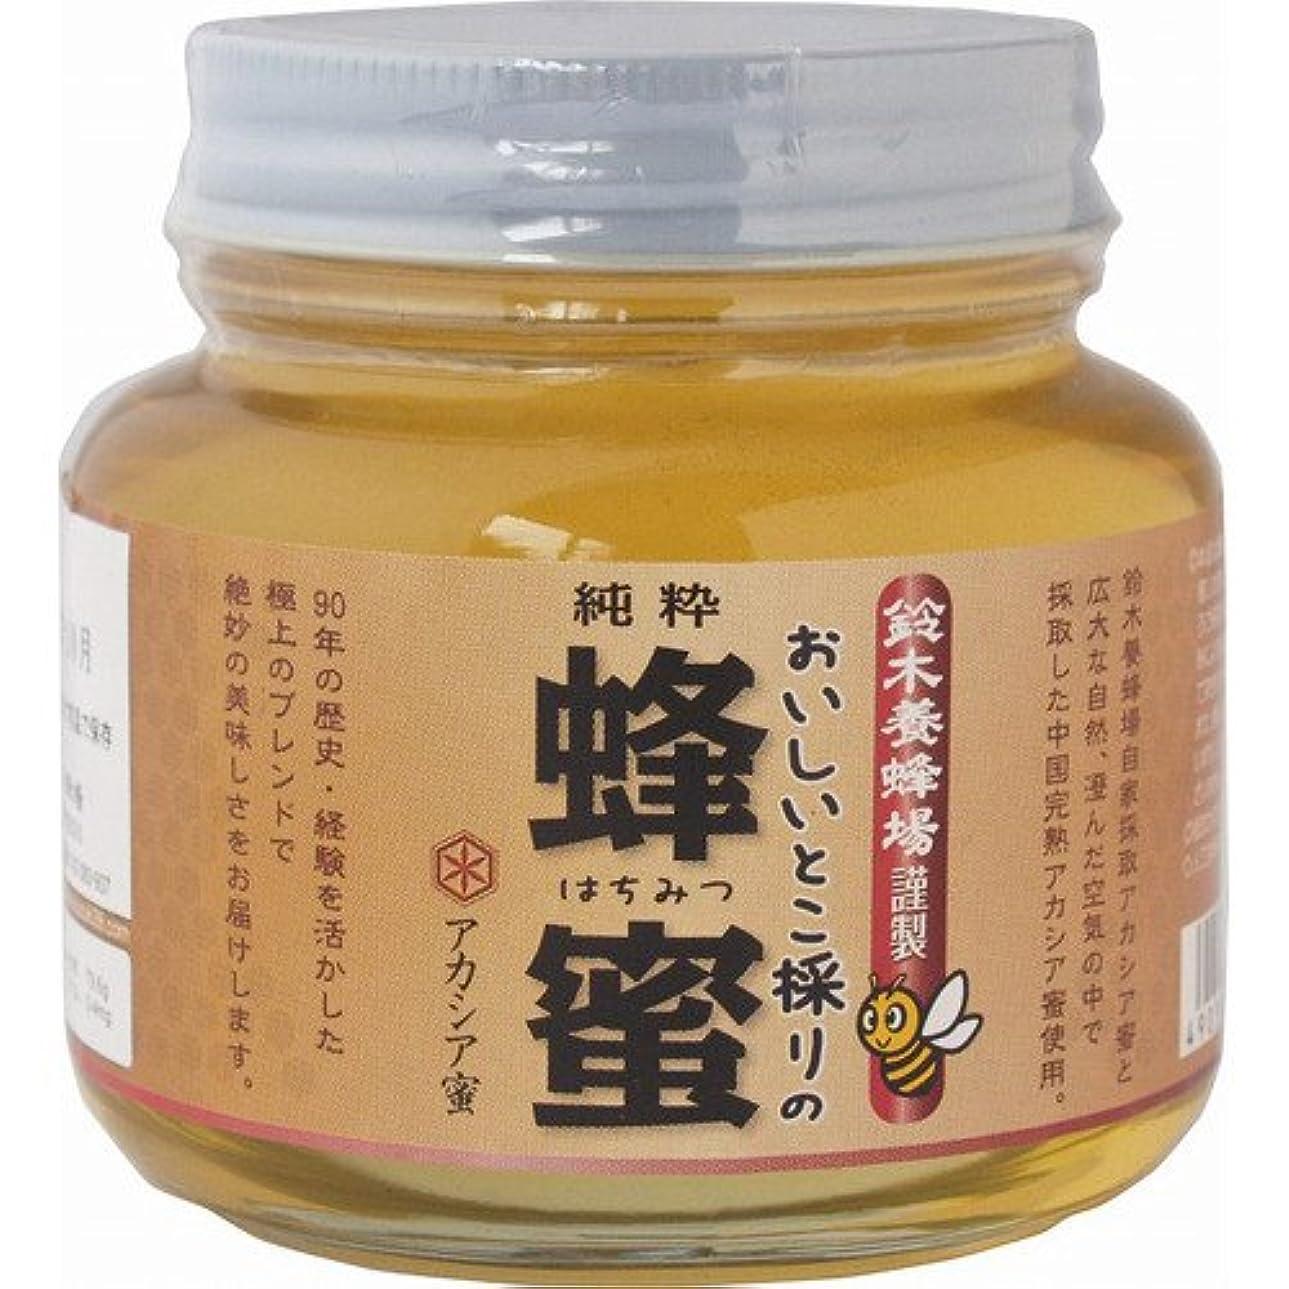 接続詞フェリー平らな鈴木養蜂場 おいしいとこ採り蜂蜜アカシア 450g